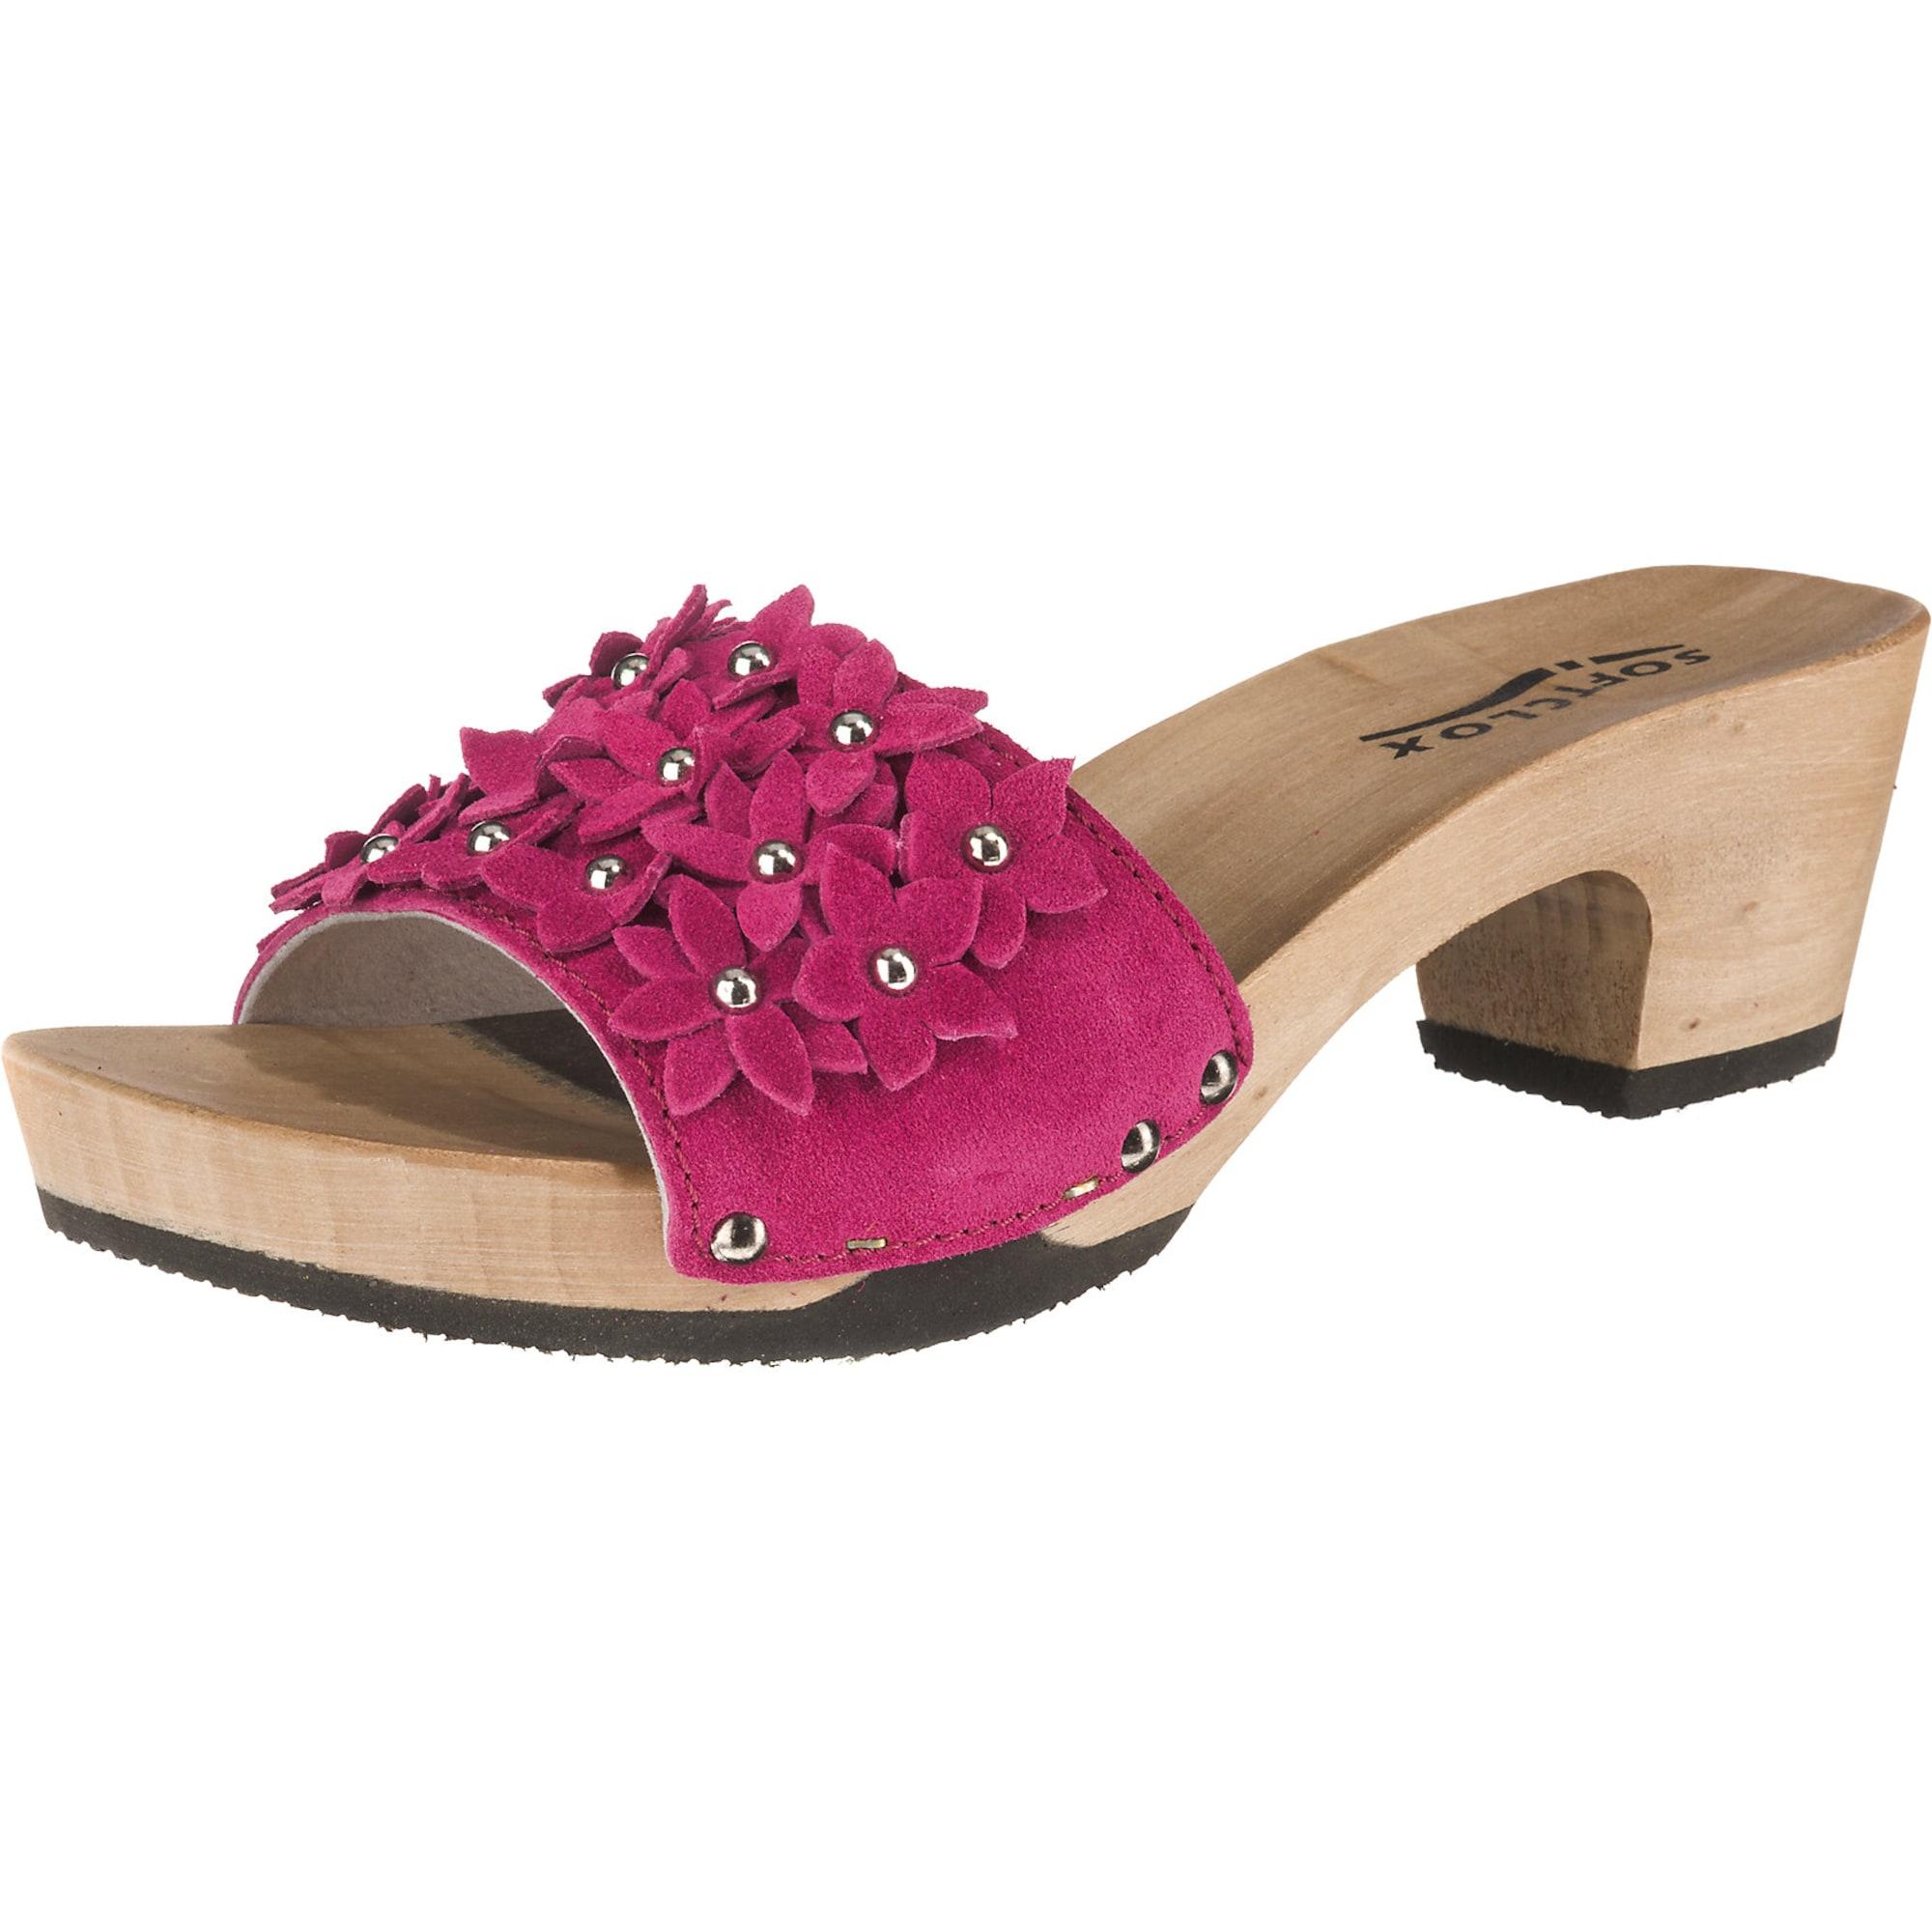 Clogs 'Kitti'   Schuhe > Clogs & Pantoletten > Clogs   SOFTCLOX